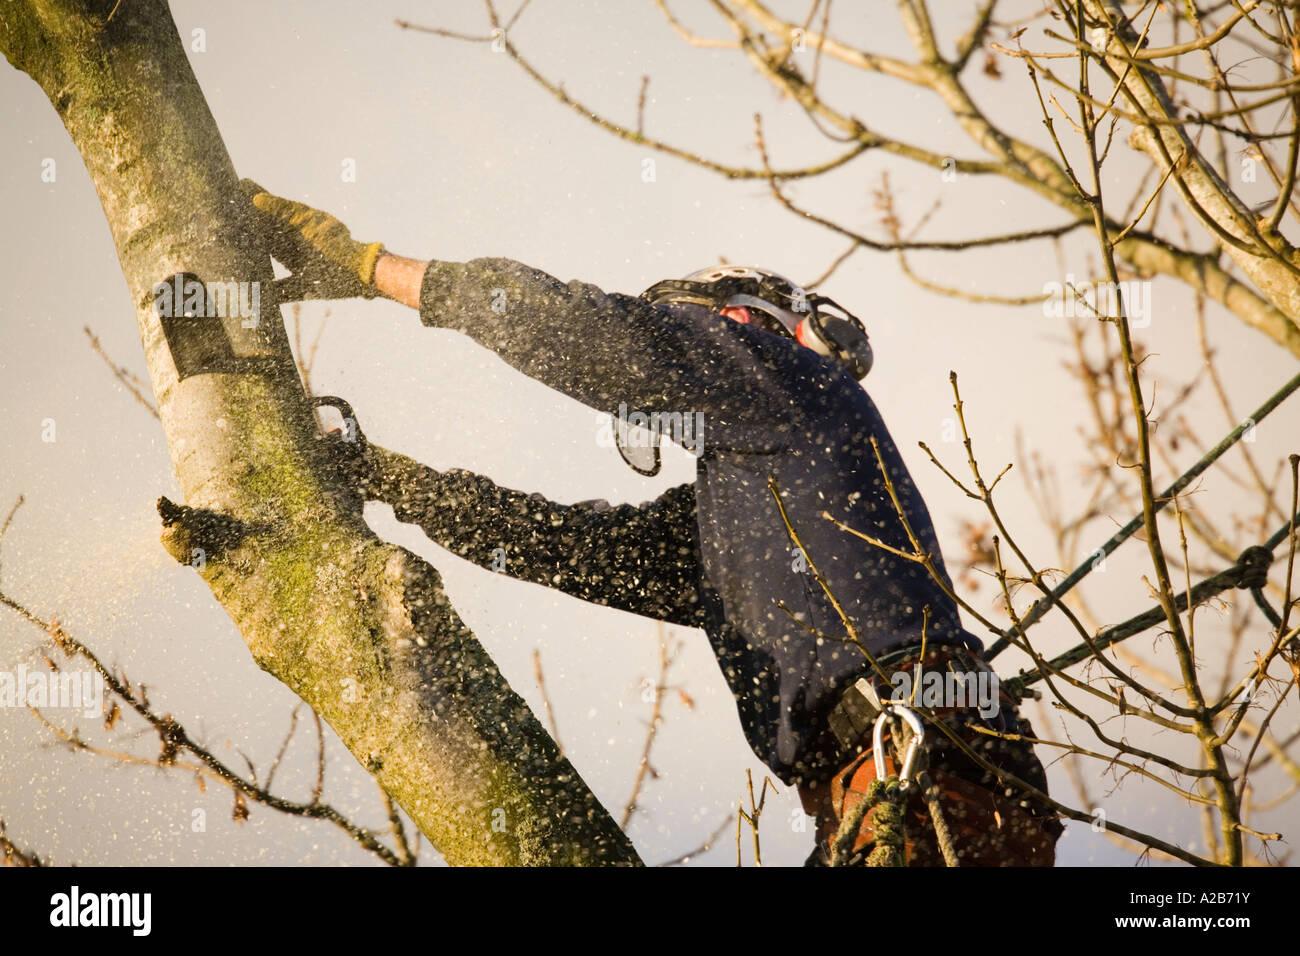 Baumpflege Klettergurt : Baumpfleger in aktion tragen helm visier ohr protektoren